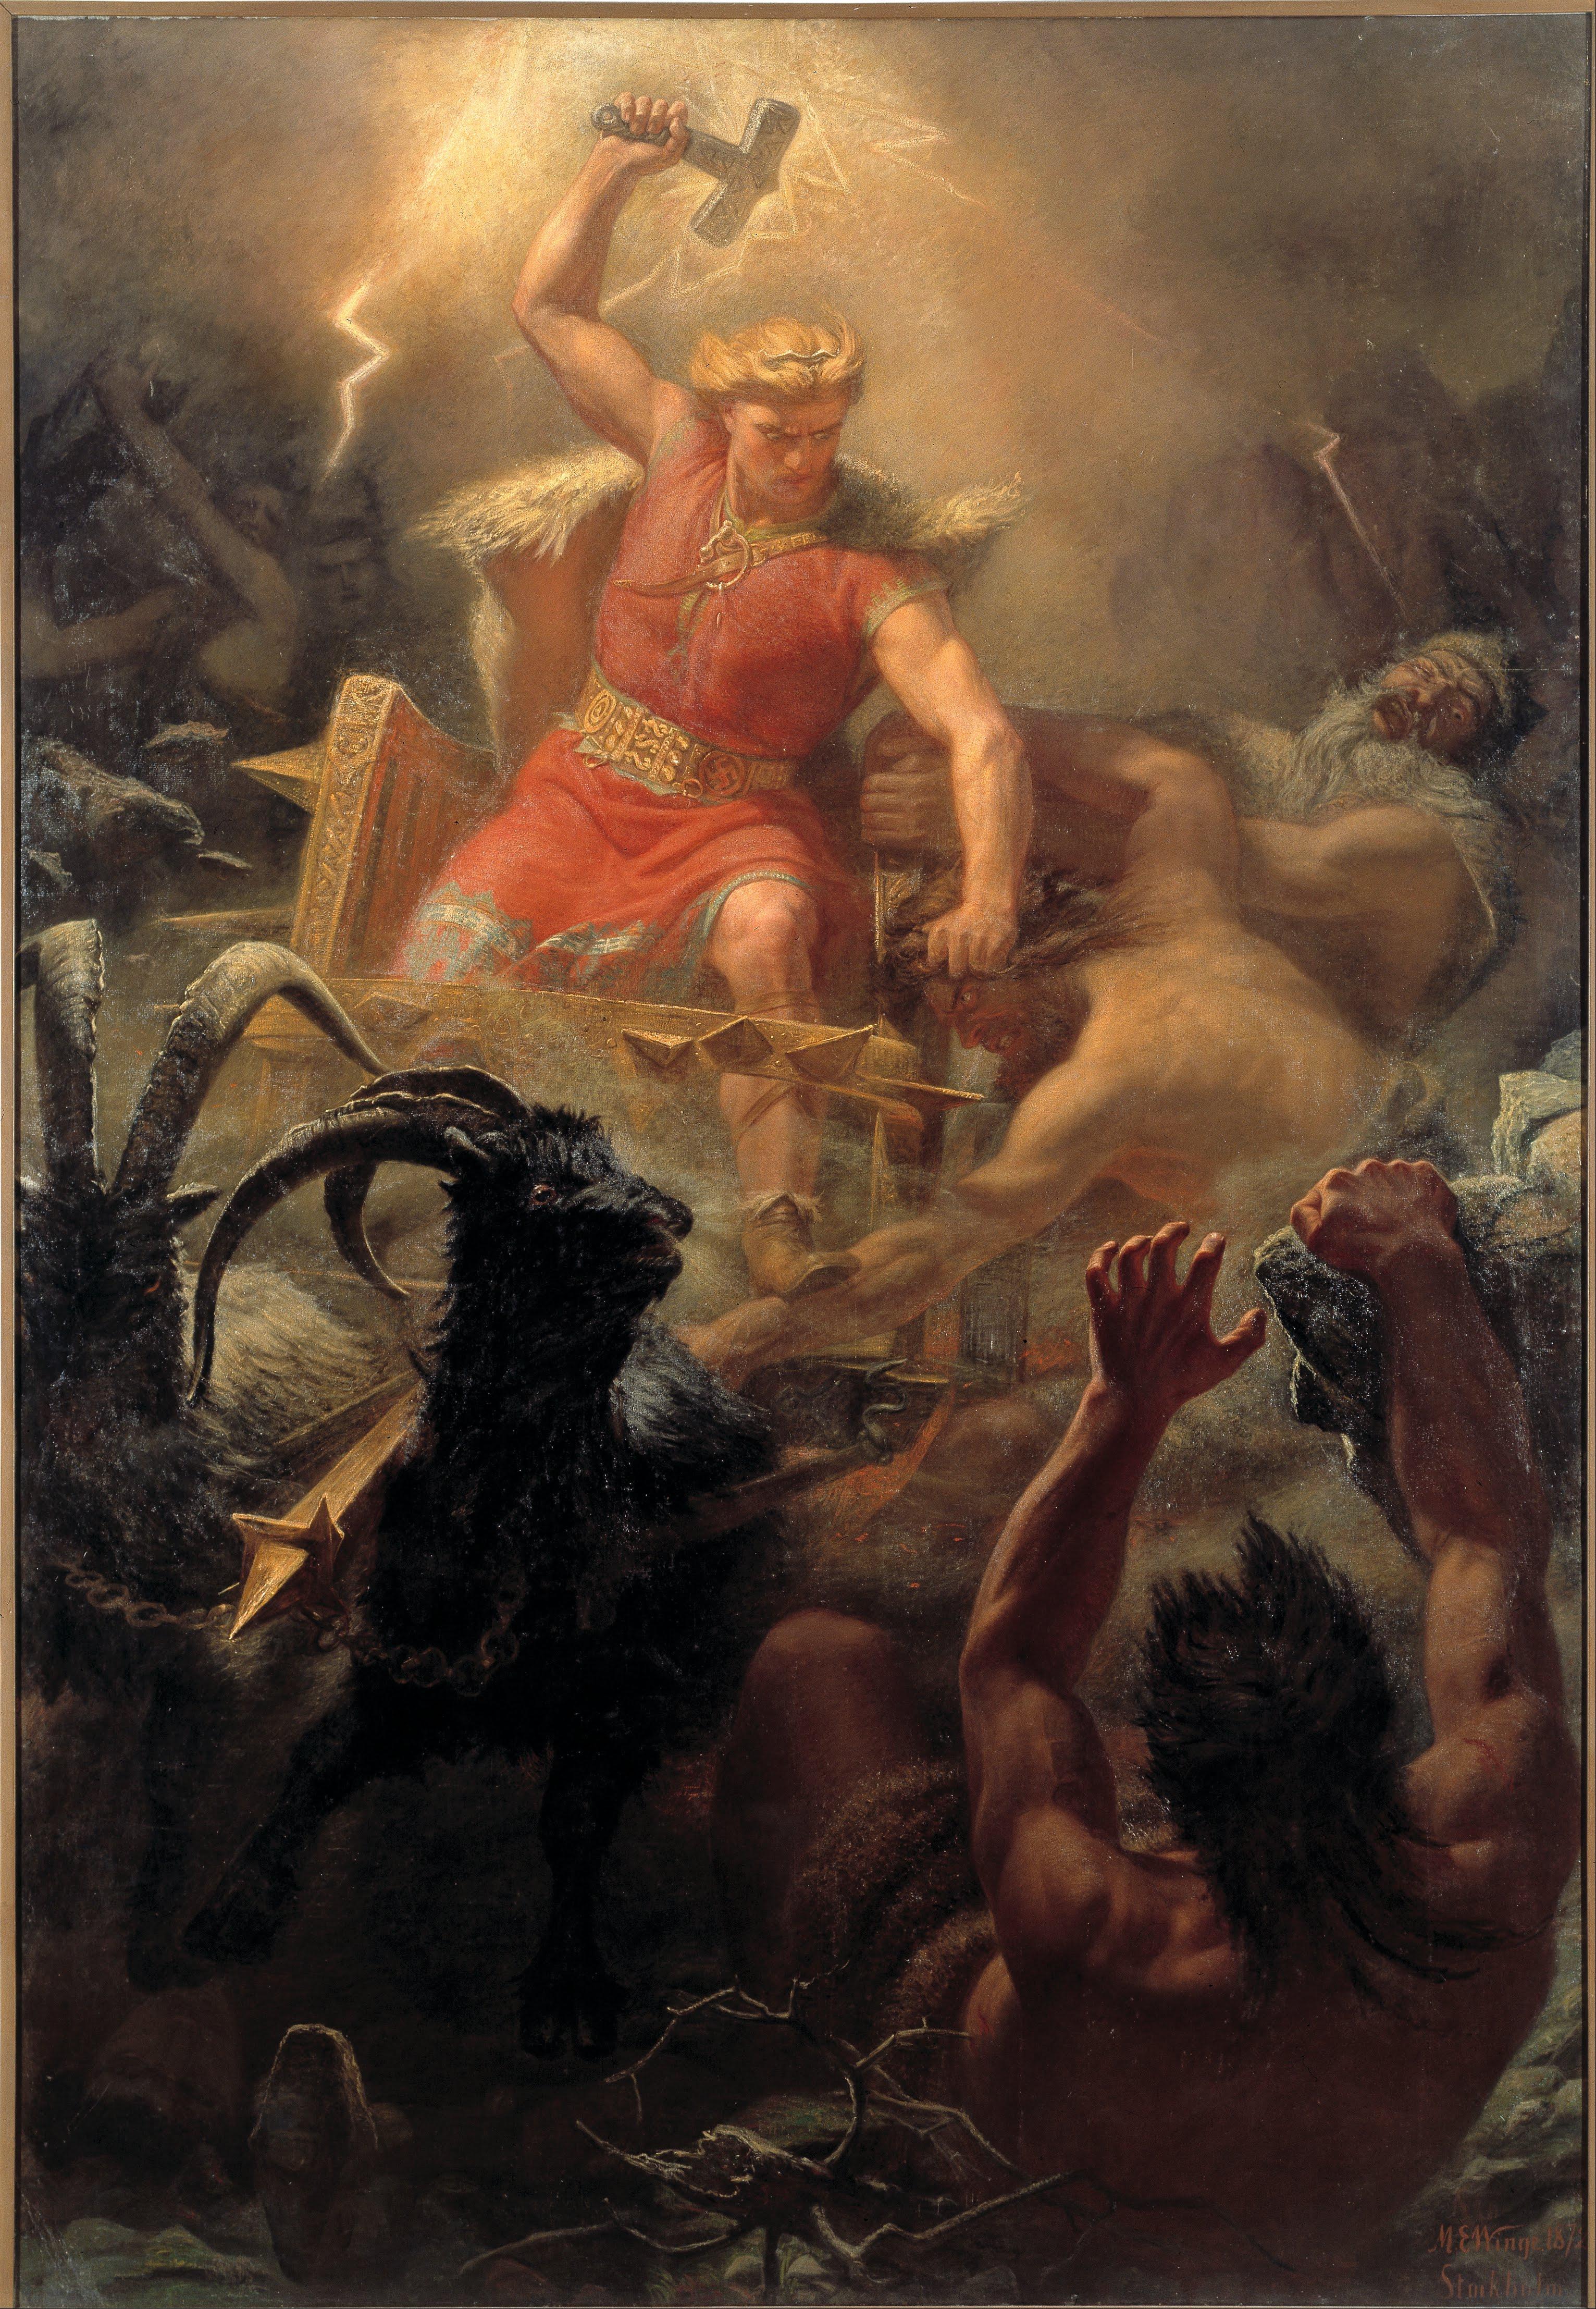 Vikingský a skandinávský bůh hromu Thor. Obraz Eskil Mårten. PAGANIA.CZ - pohanský obchod